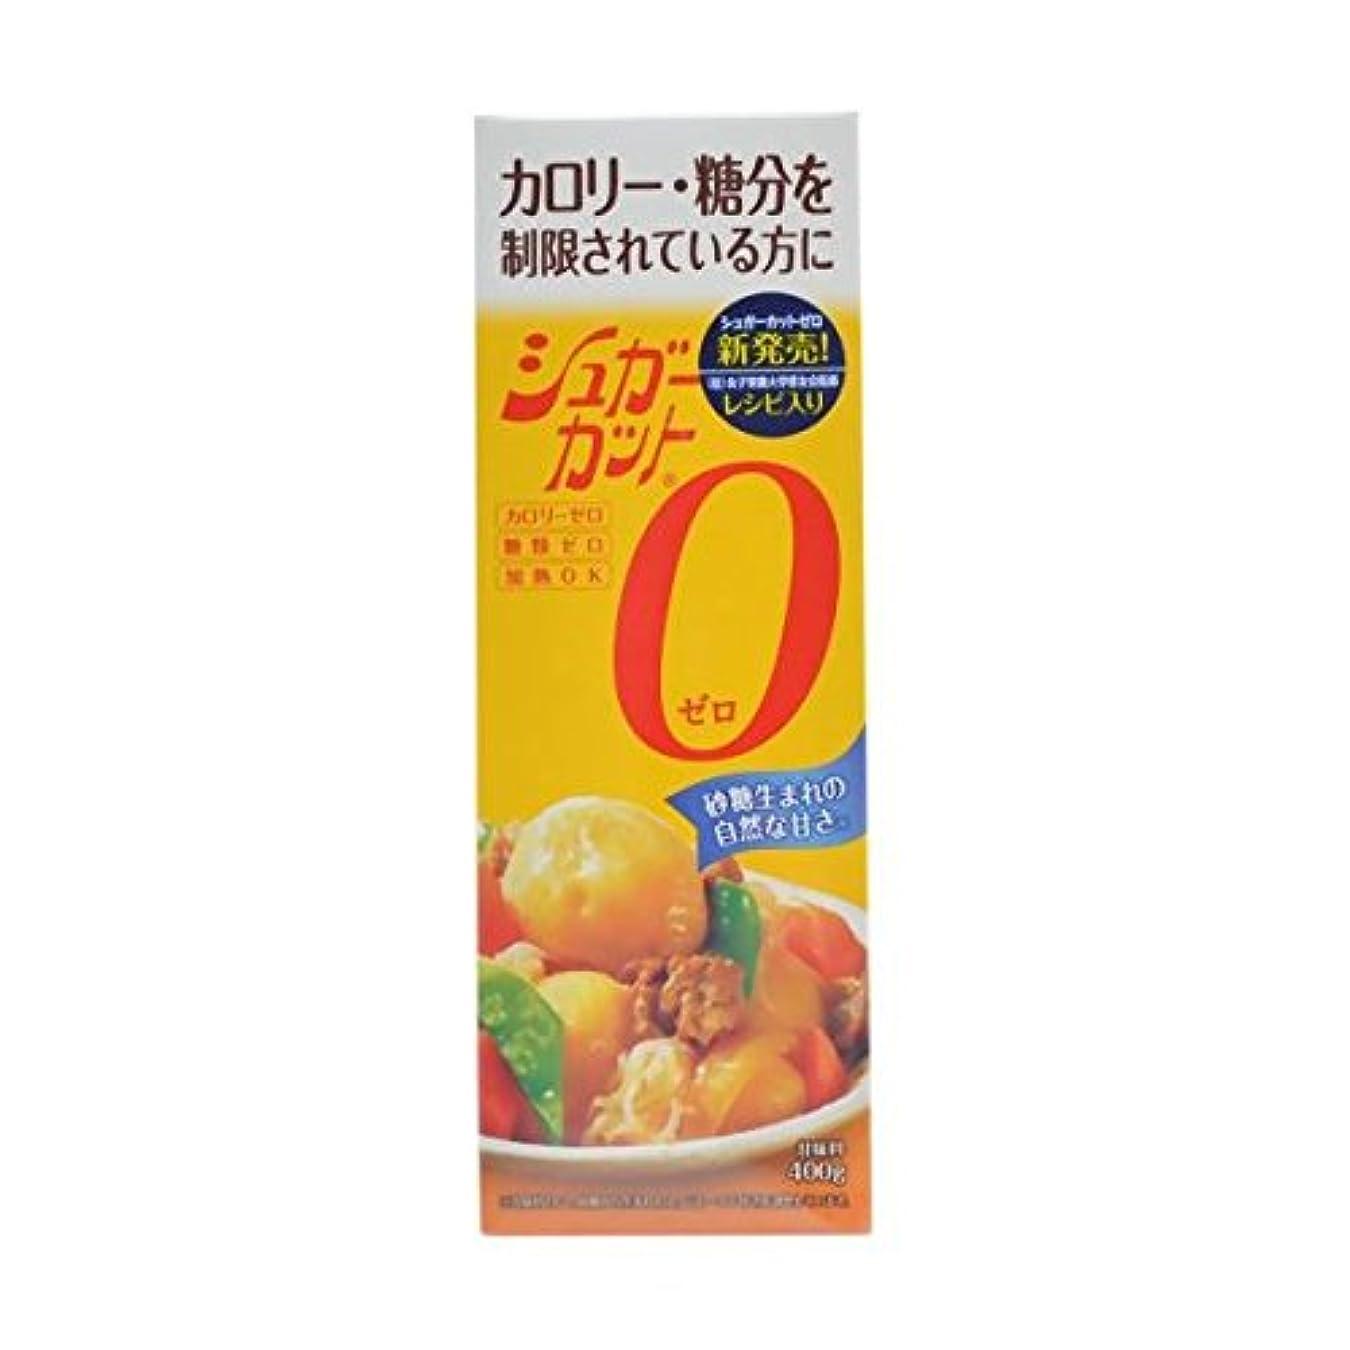 とんでもない外向きアロング浅田飴 シュガーカットゼロ 400g【2個セット】